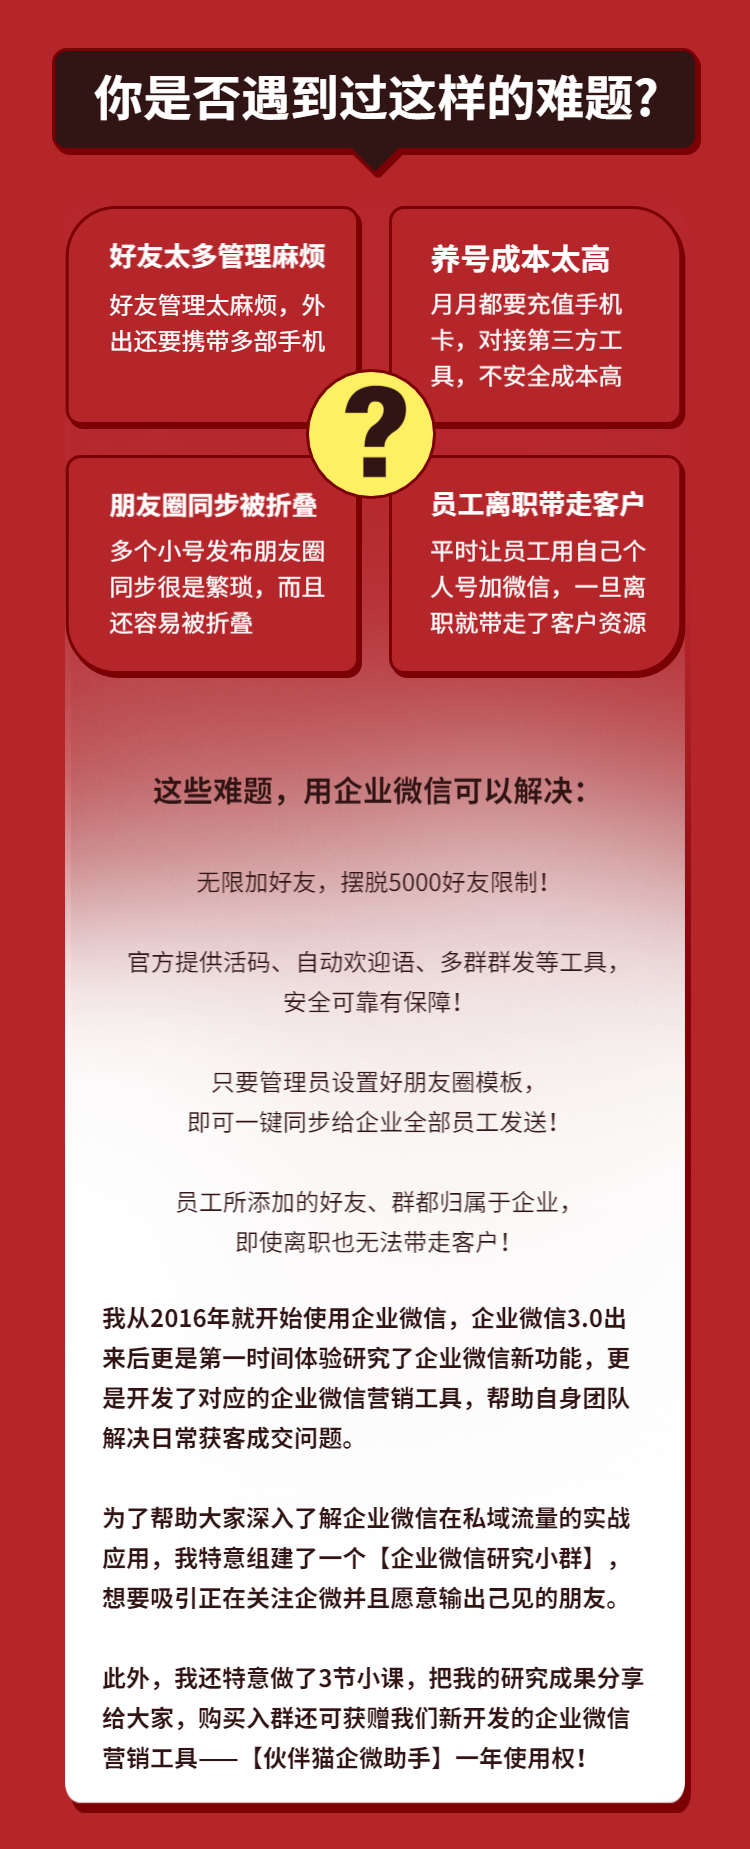 企业微信研究小群详情页-1.png